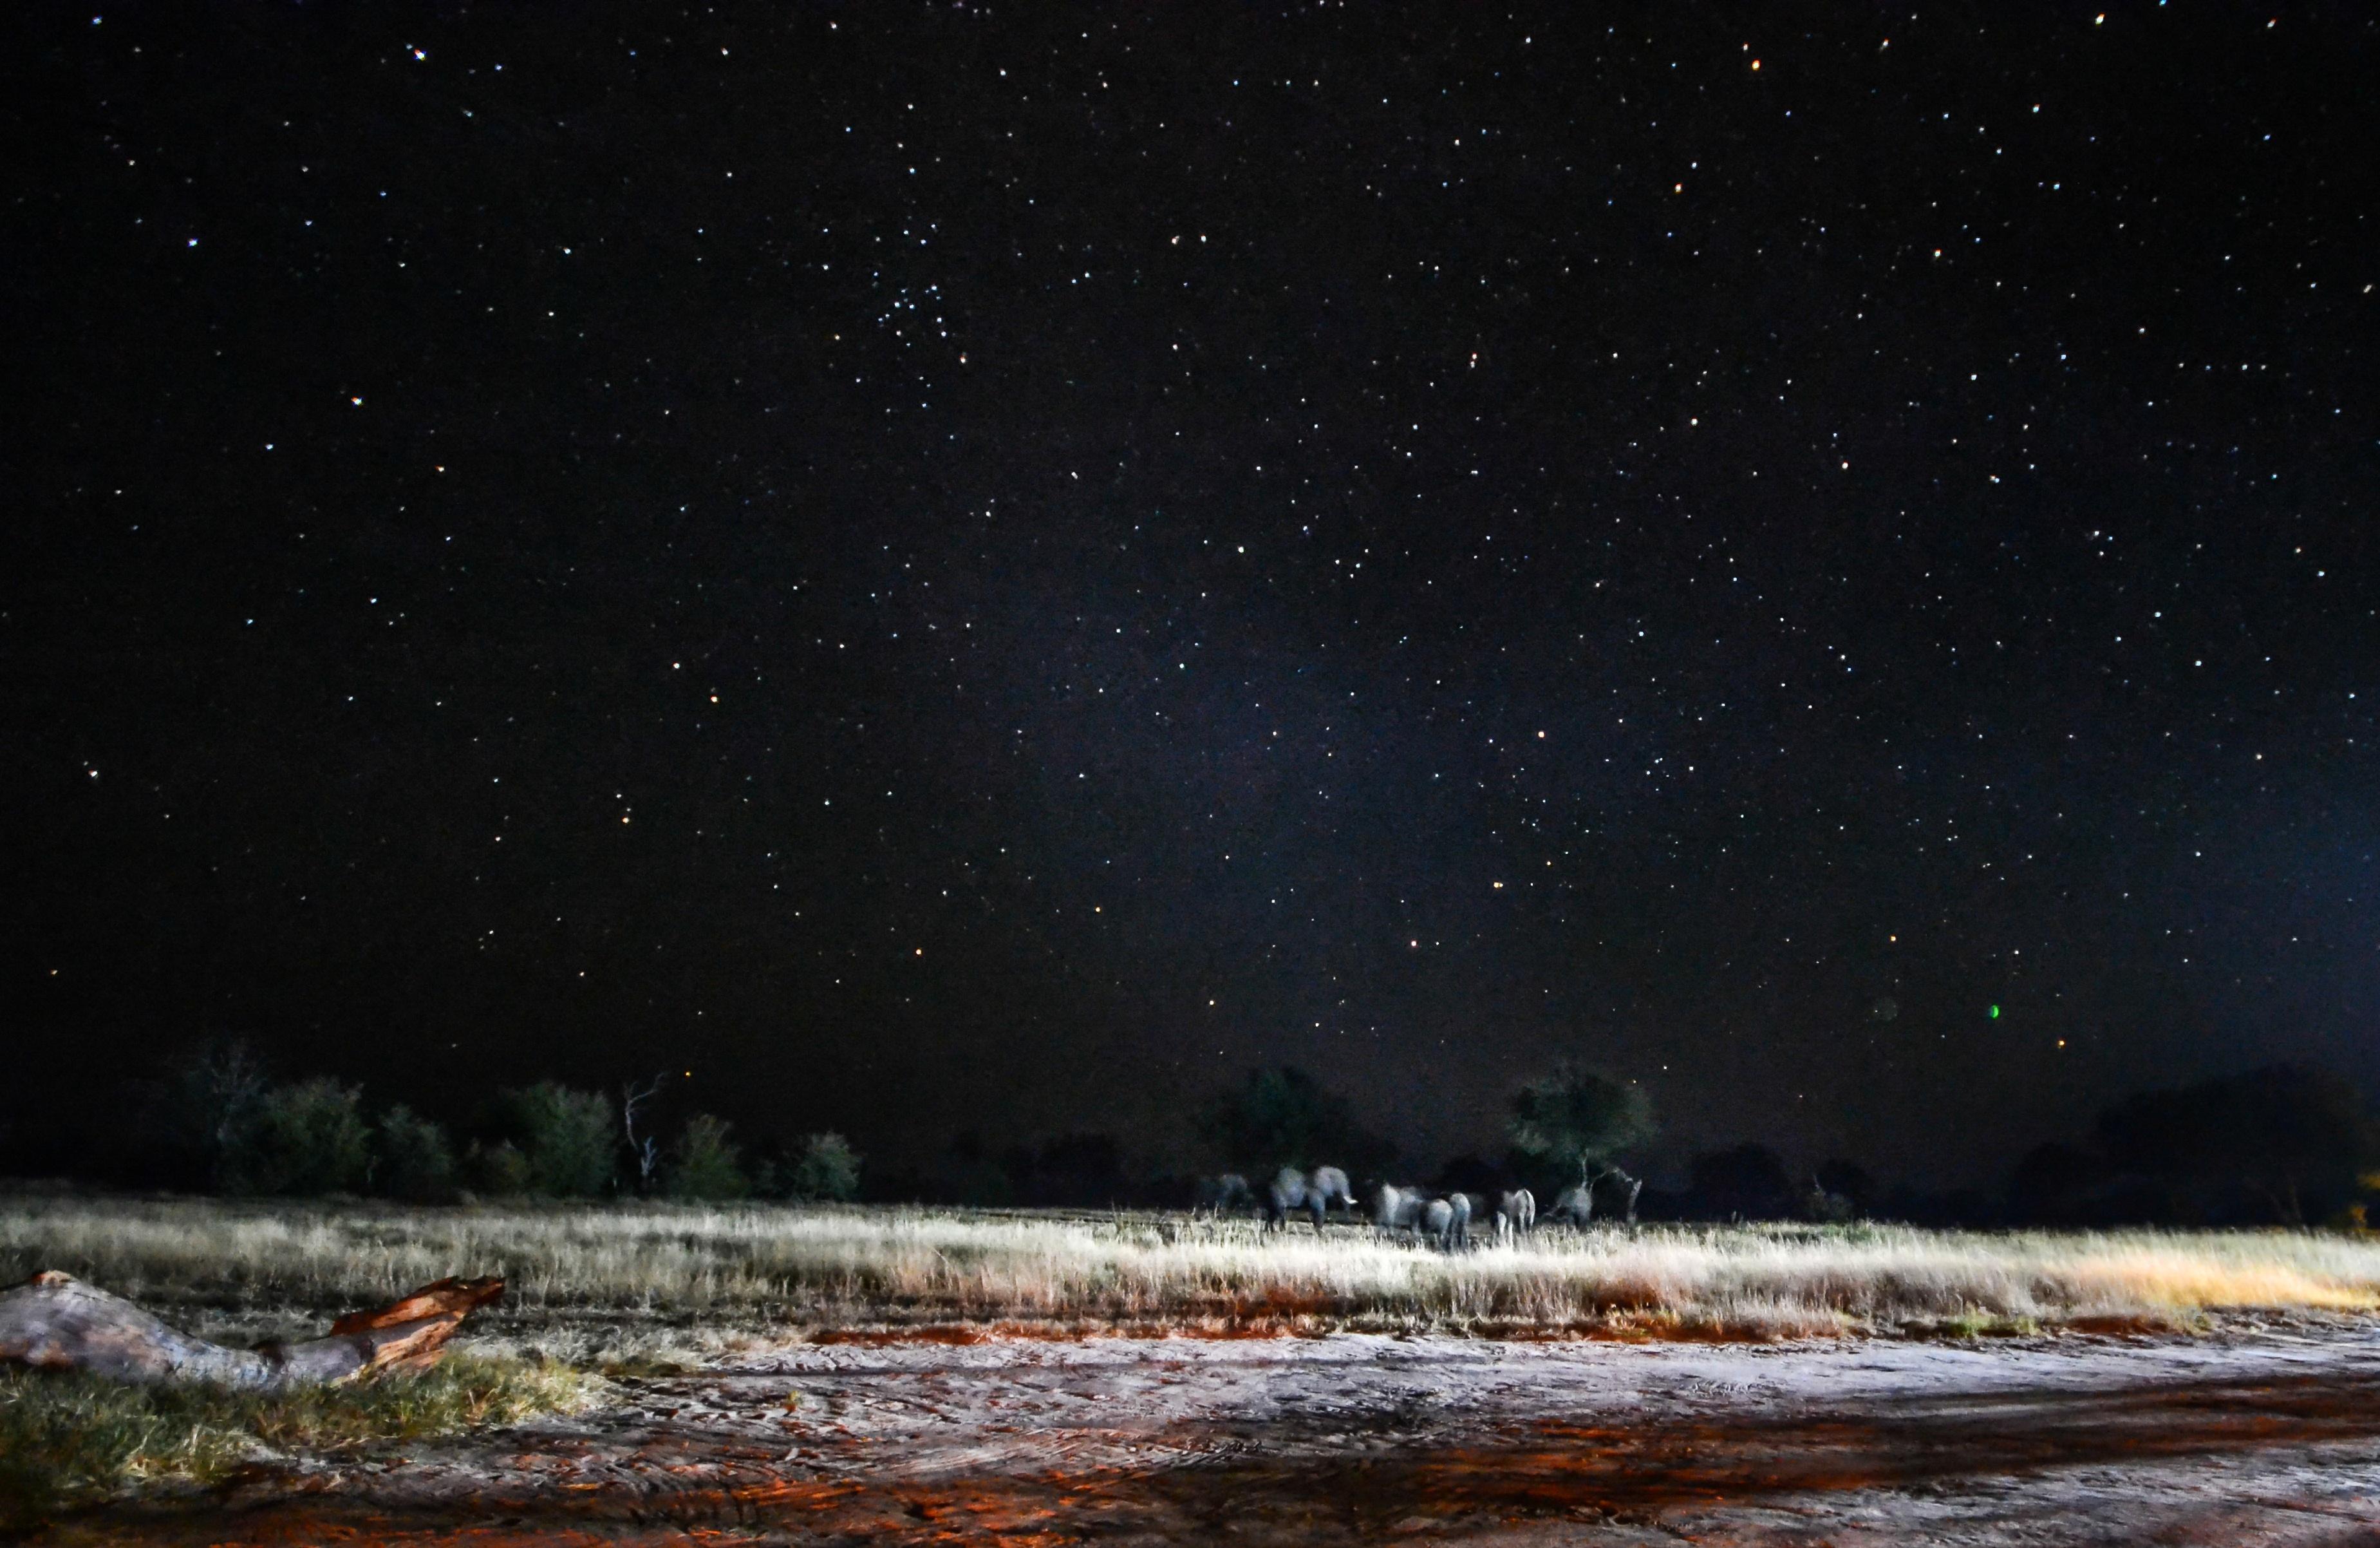 20_-_The_Jozibanini_Night_Sky.jpg